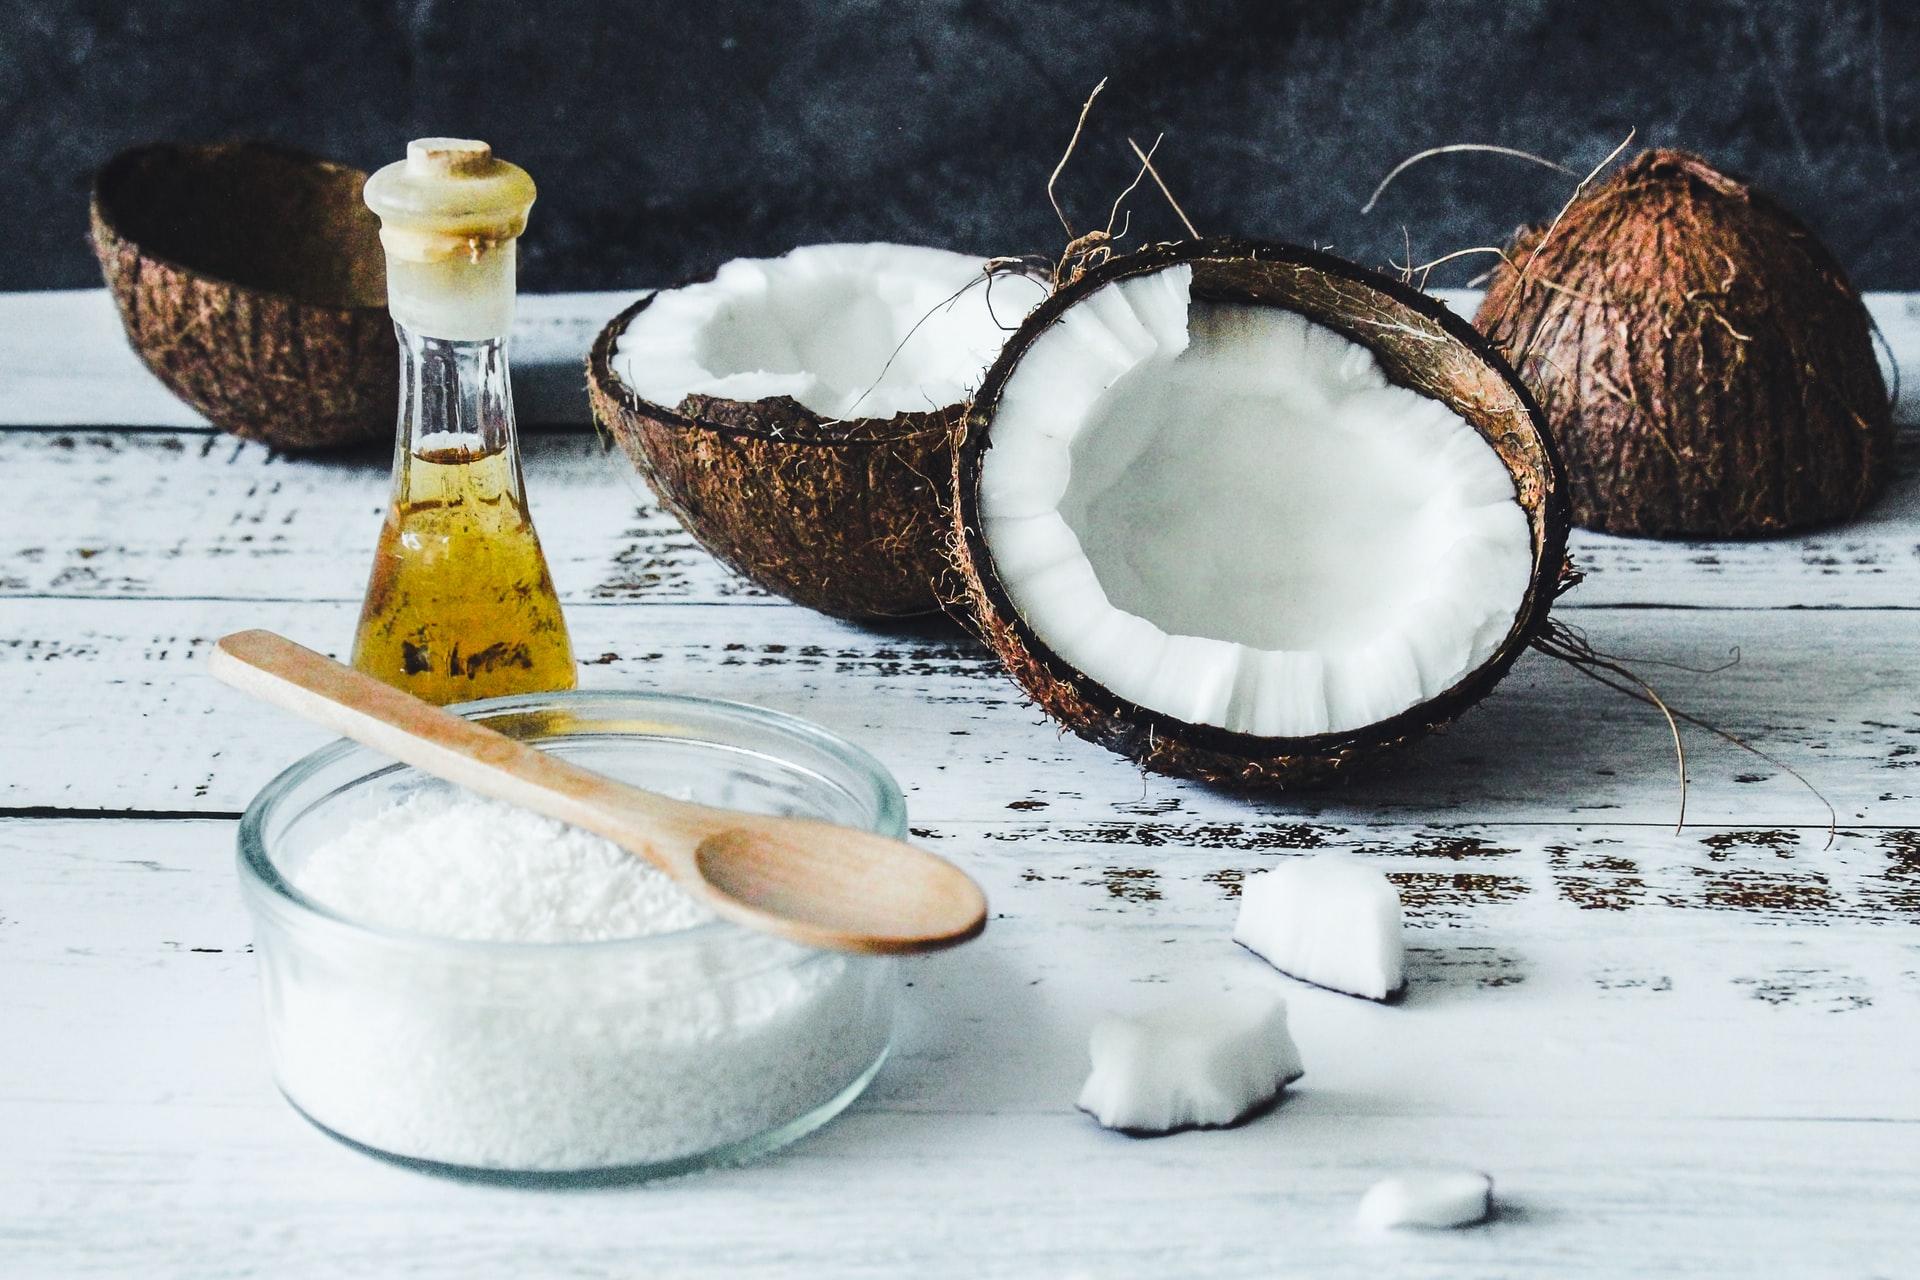 L'huile de coco et ses bienfaits